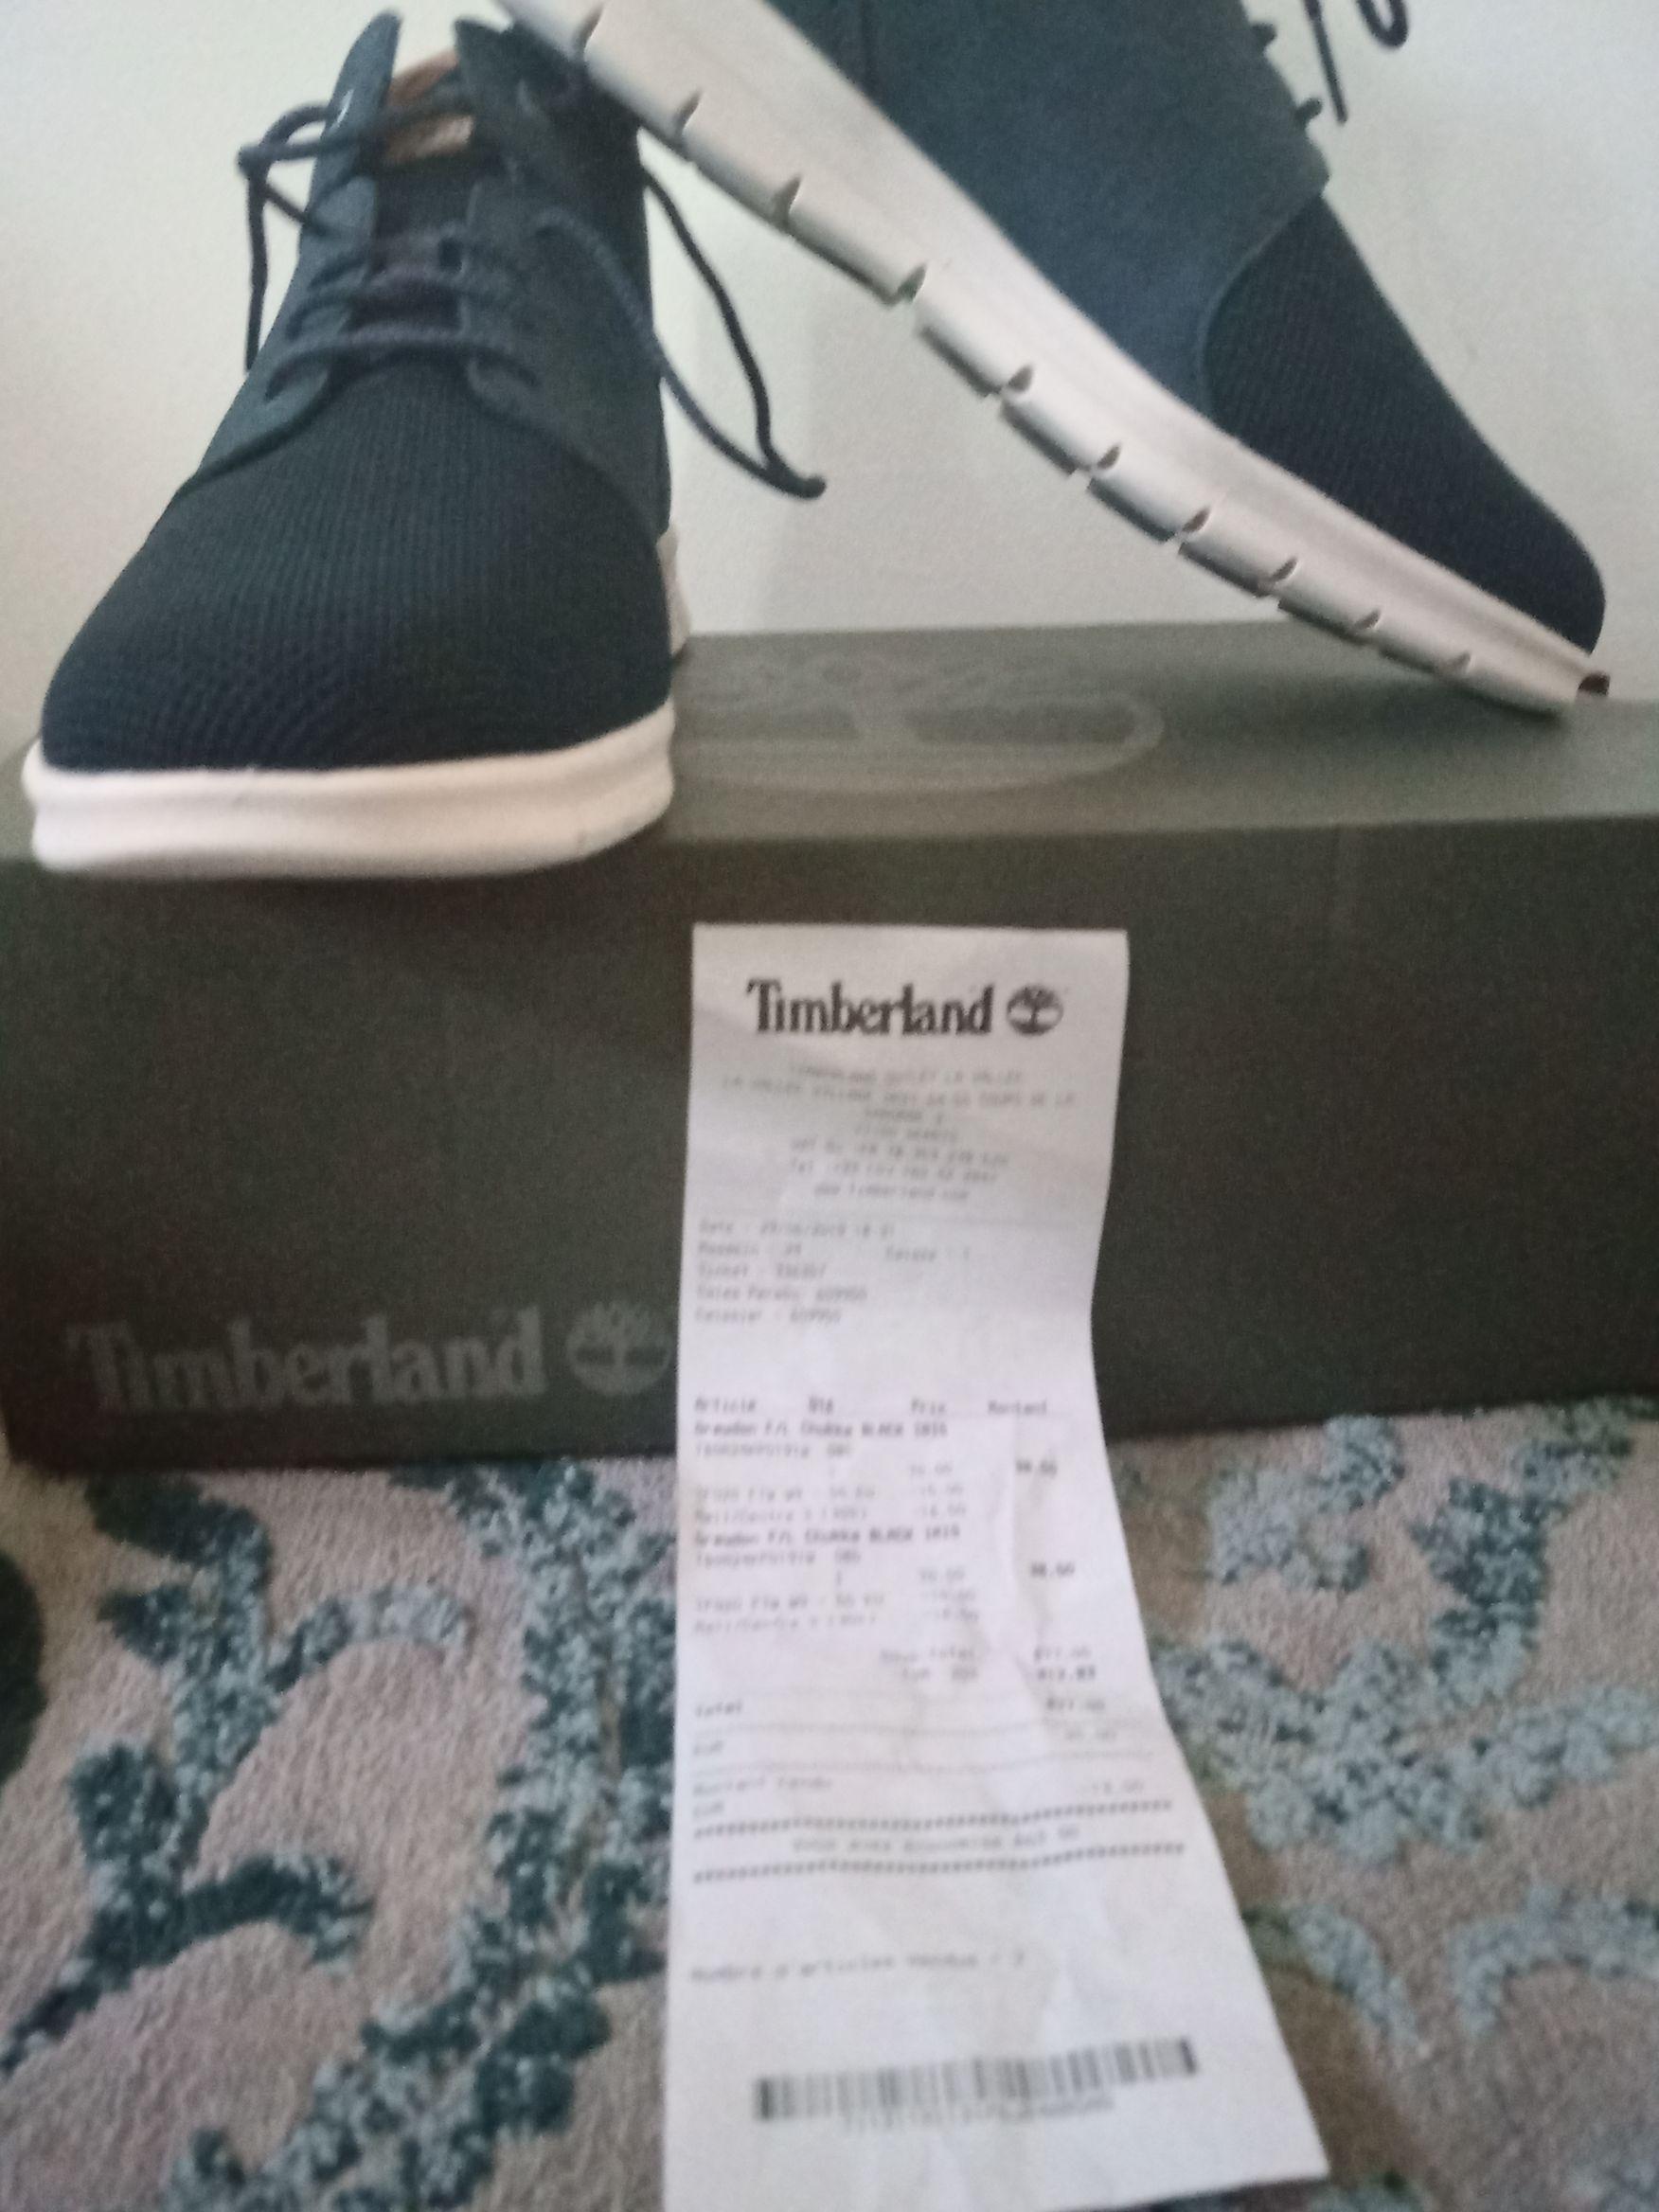 Sélection de produits en Soldes - Ex: Chaussures Timberland Chukka Black pour Hommes (Tailles au choix) - Serris La Vallée Village (77)